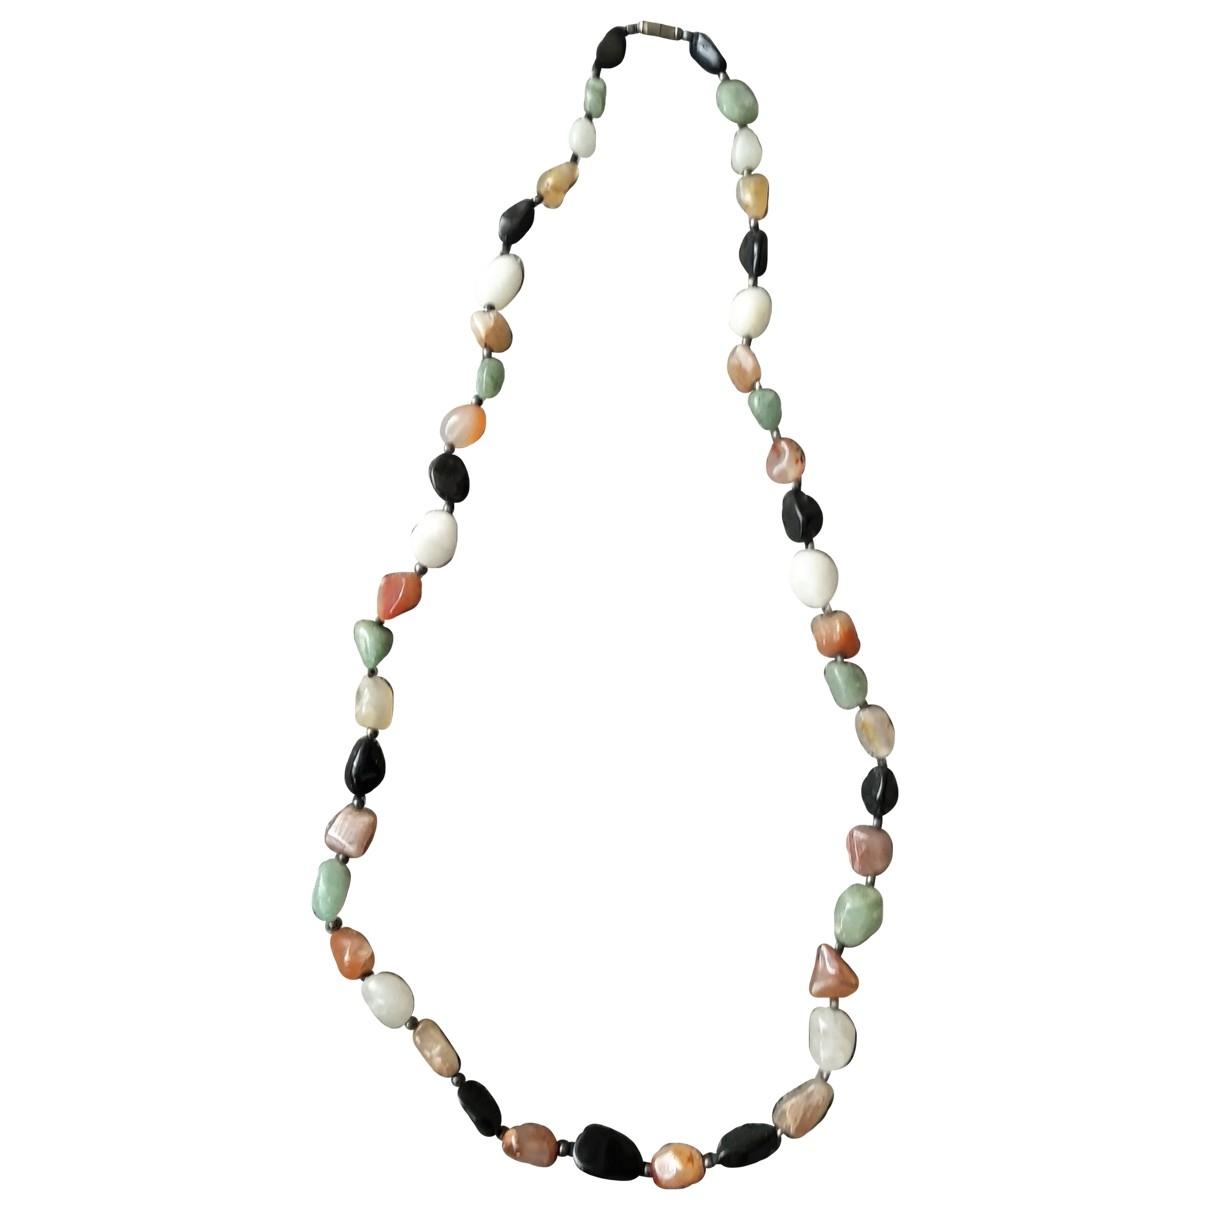 Collar de Cristal Non Signe / Unsigned